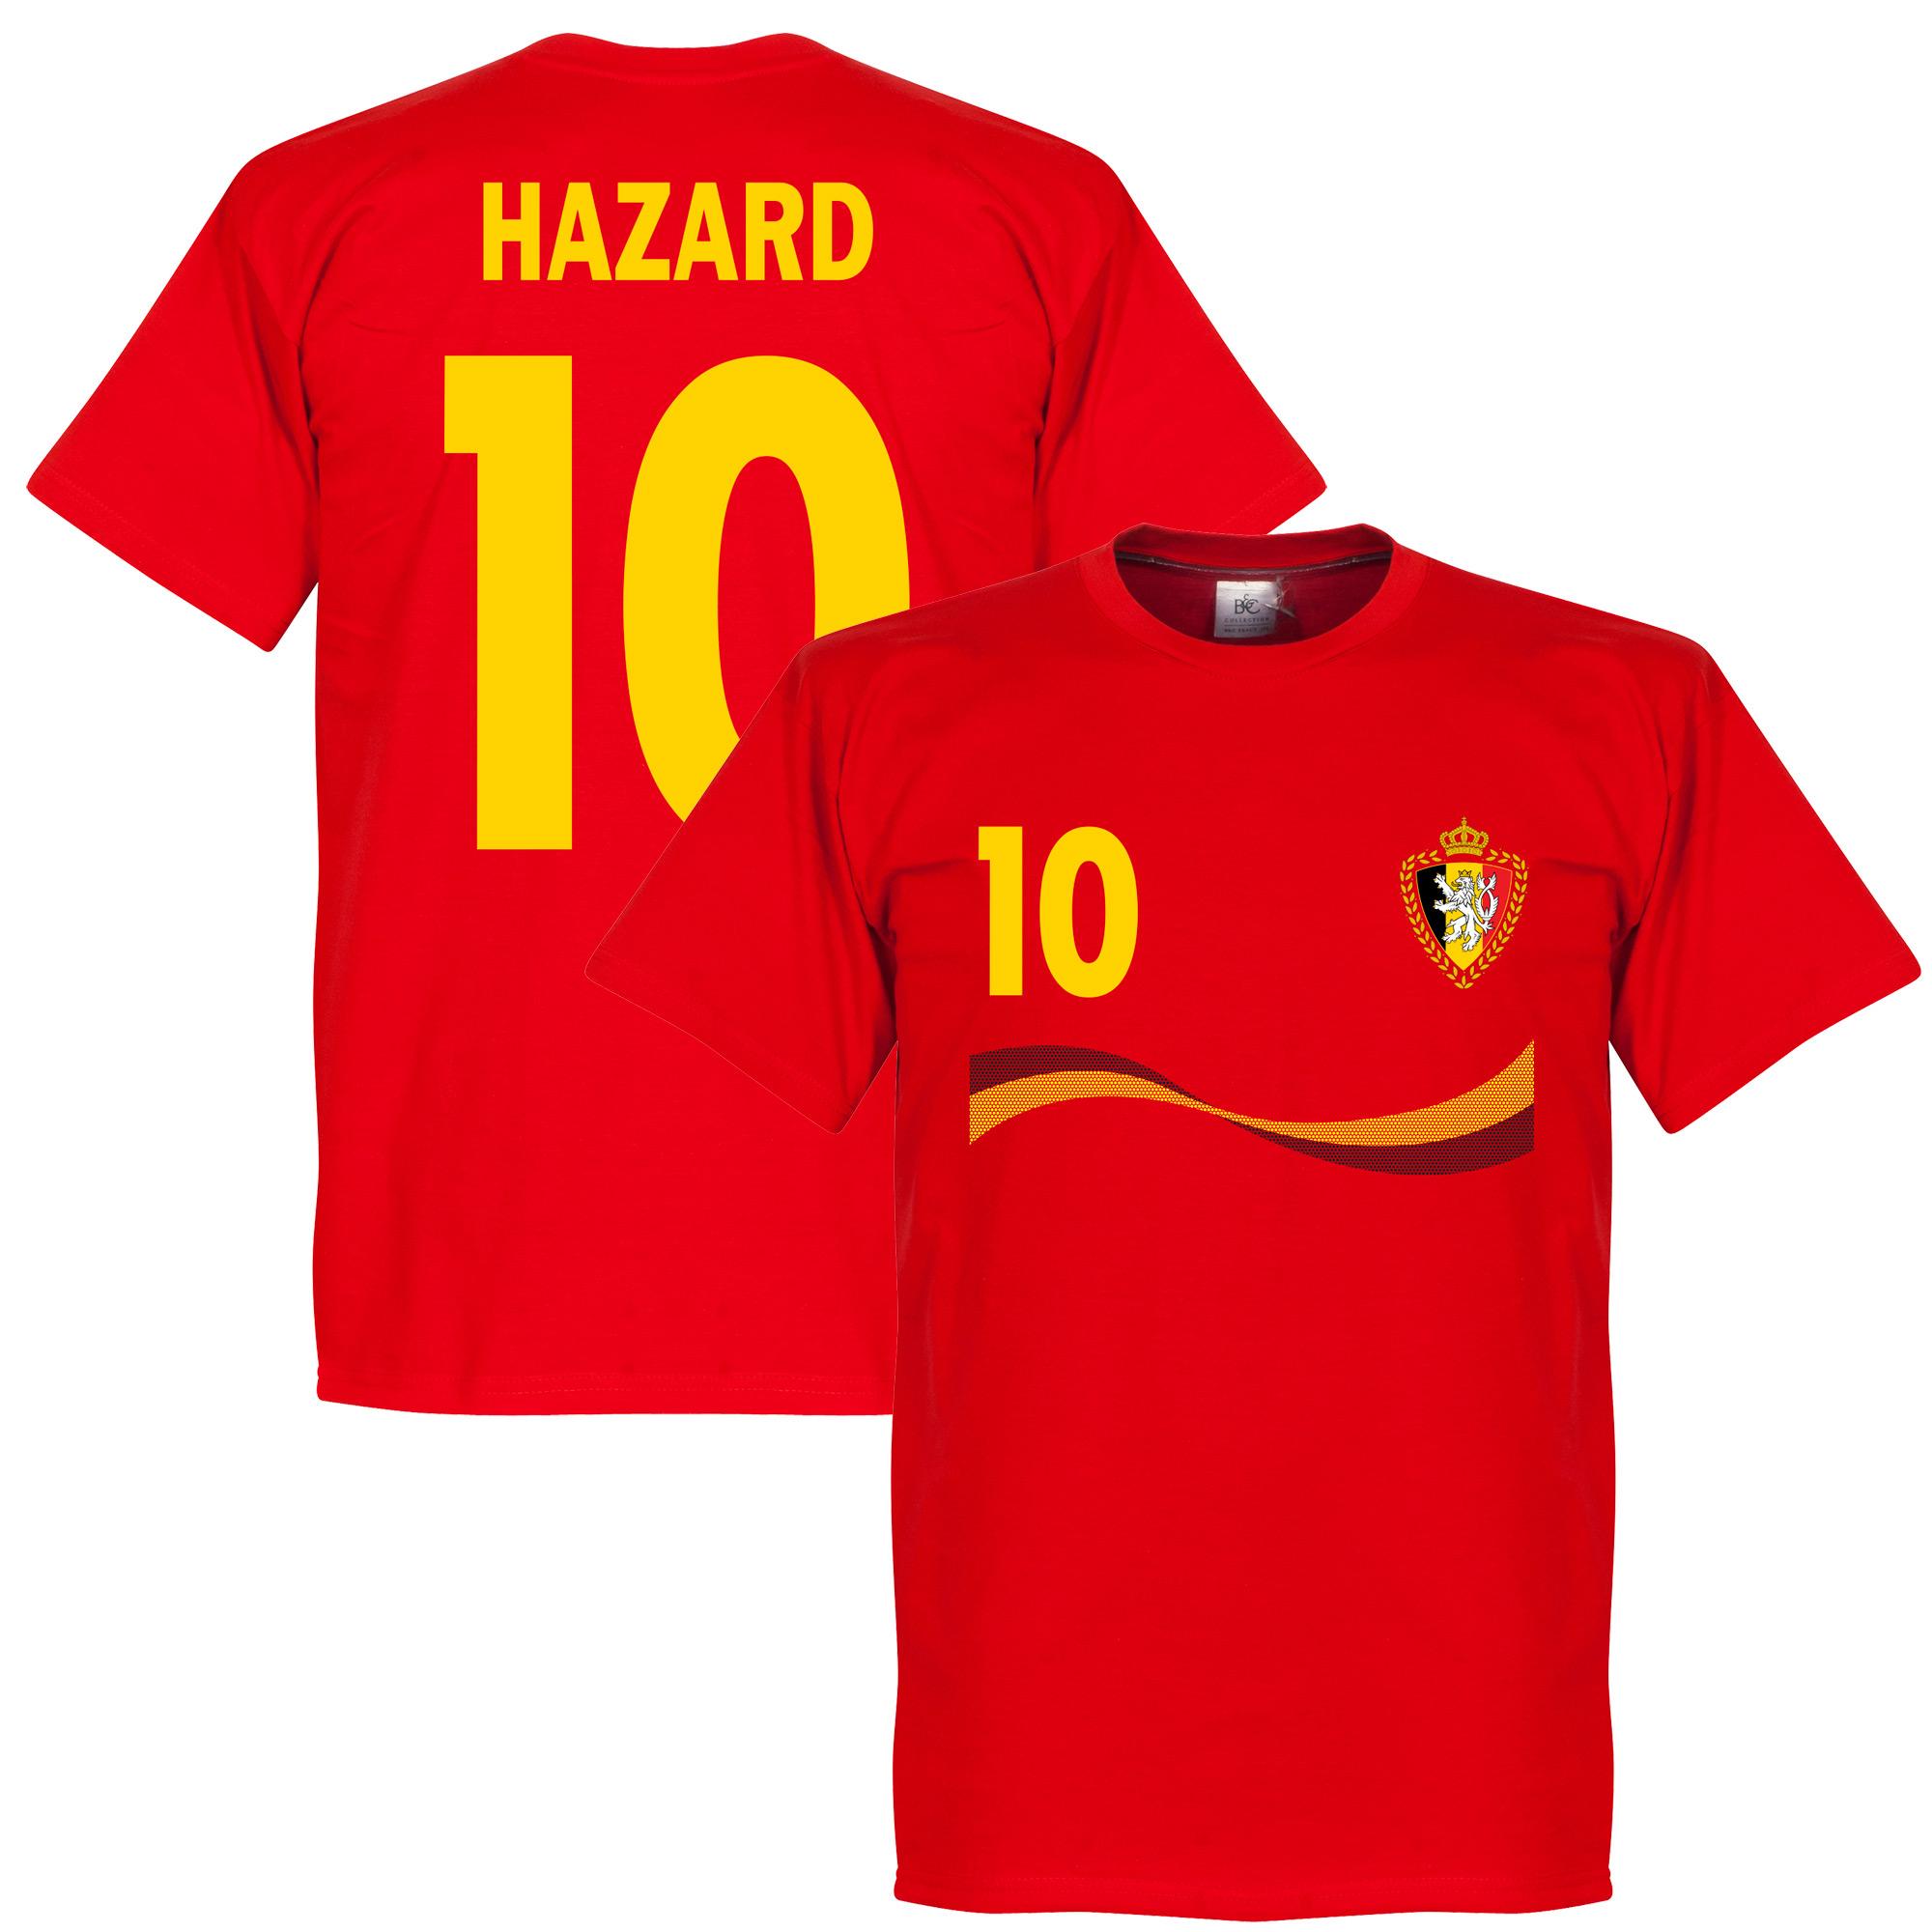 Belgium Hazard Tee - Red - XL